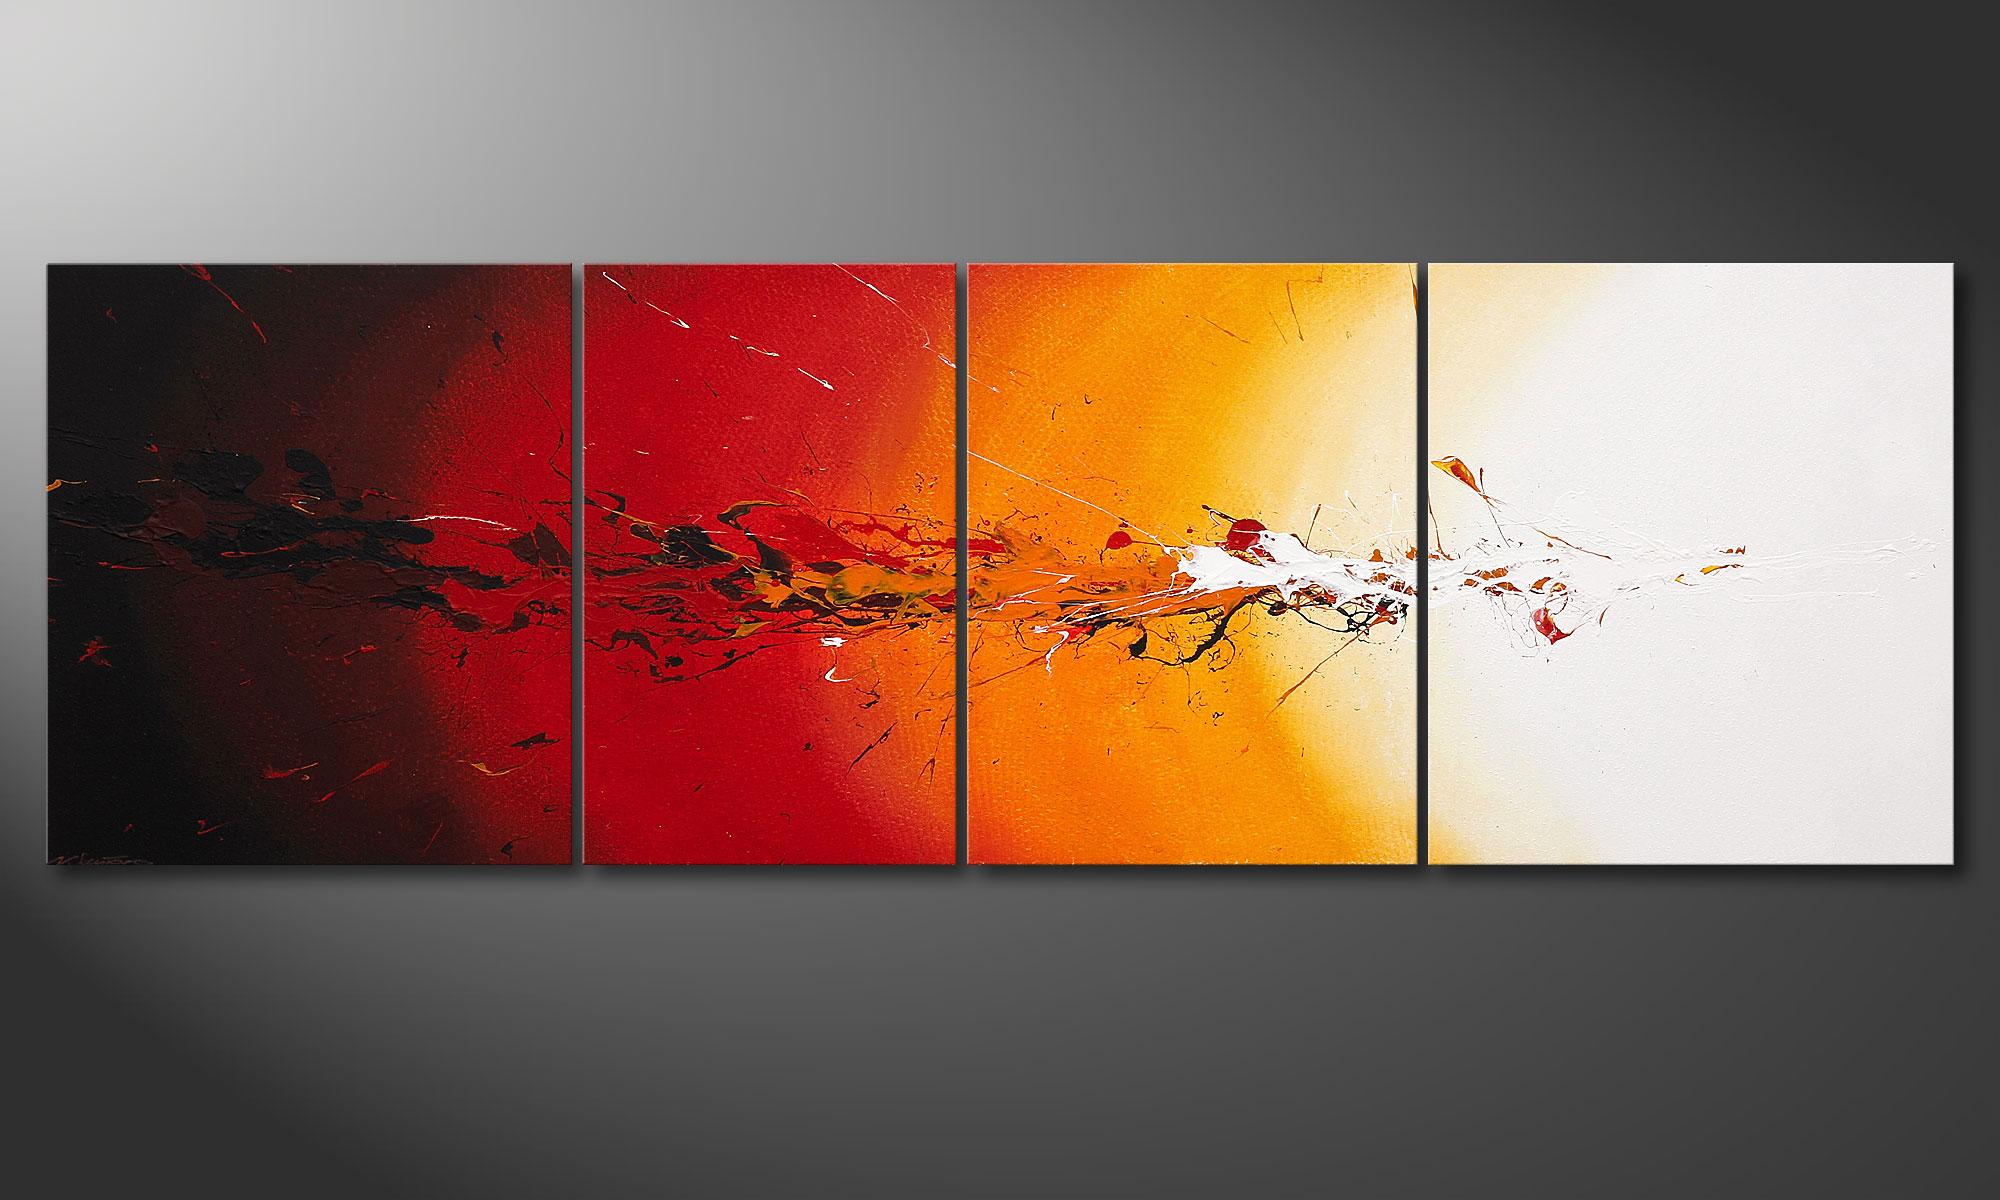 Tableaux peints a la main Formats XXL La toile peinte Fiery Splash xcm